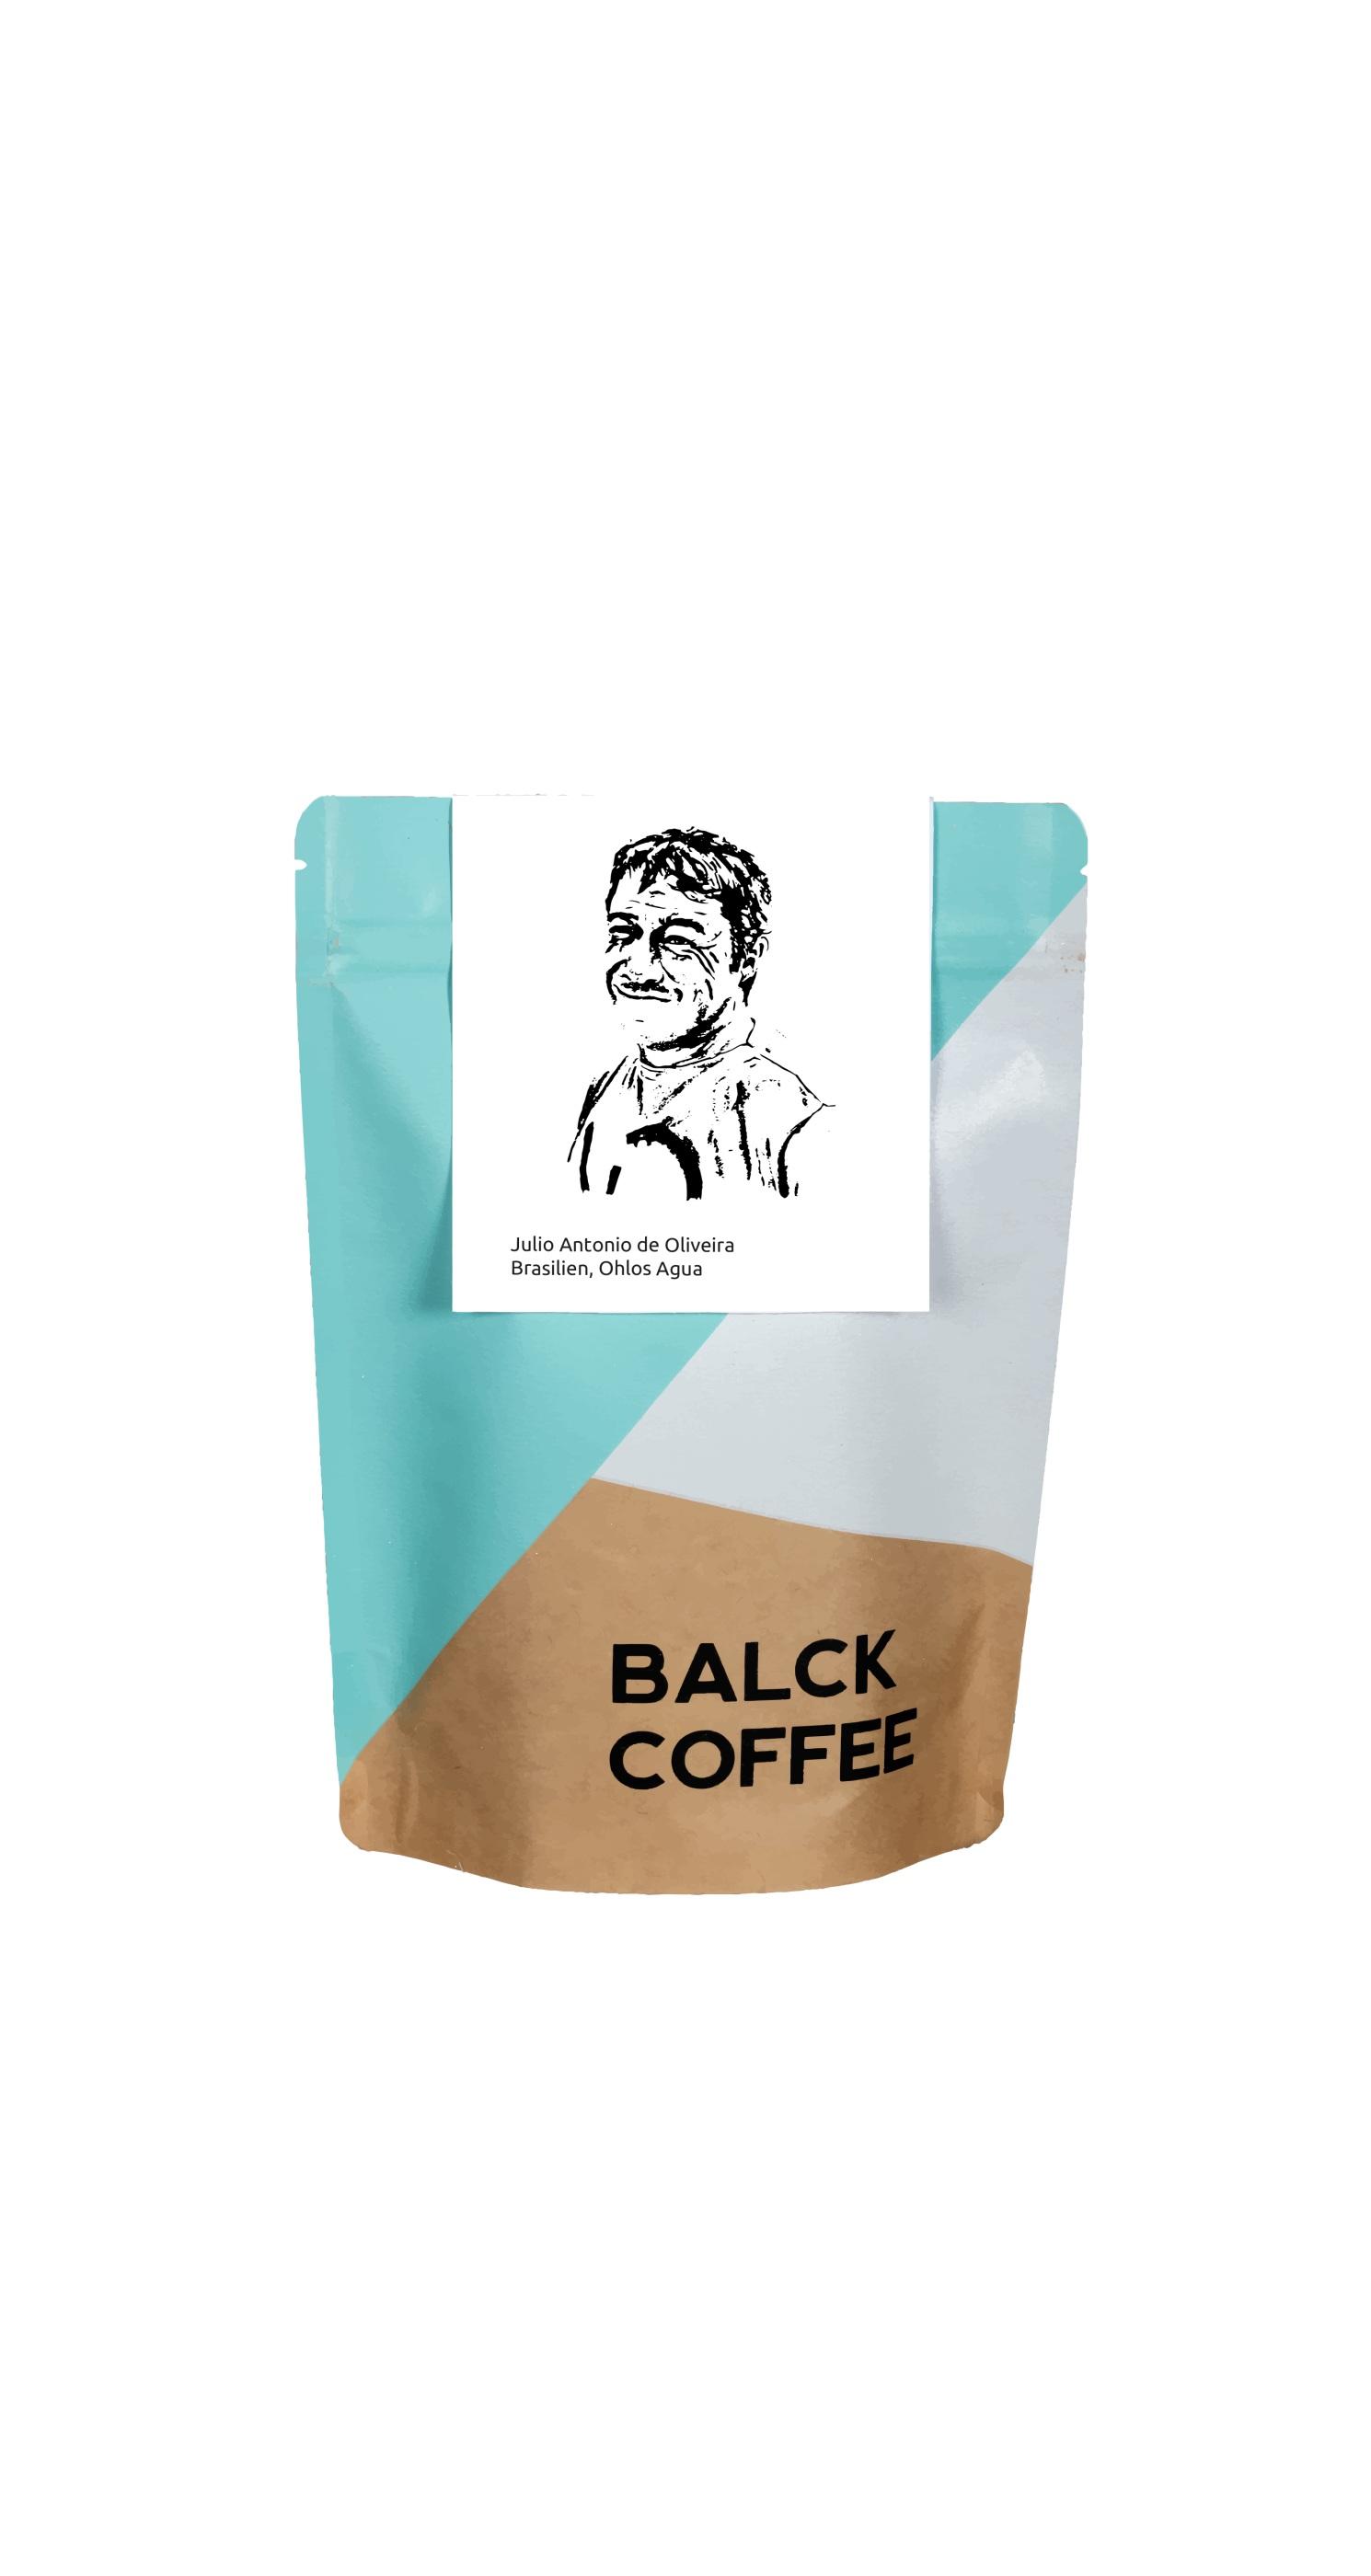 kaffepåsejuliooholos_hemsida